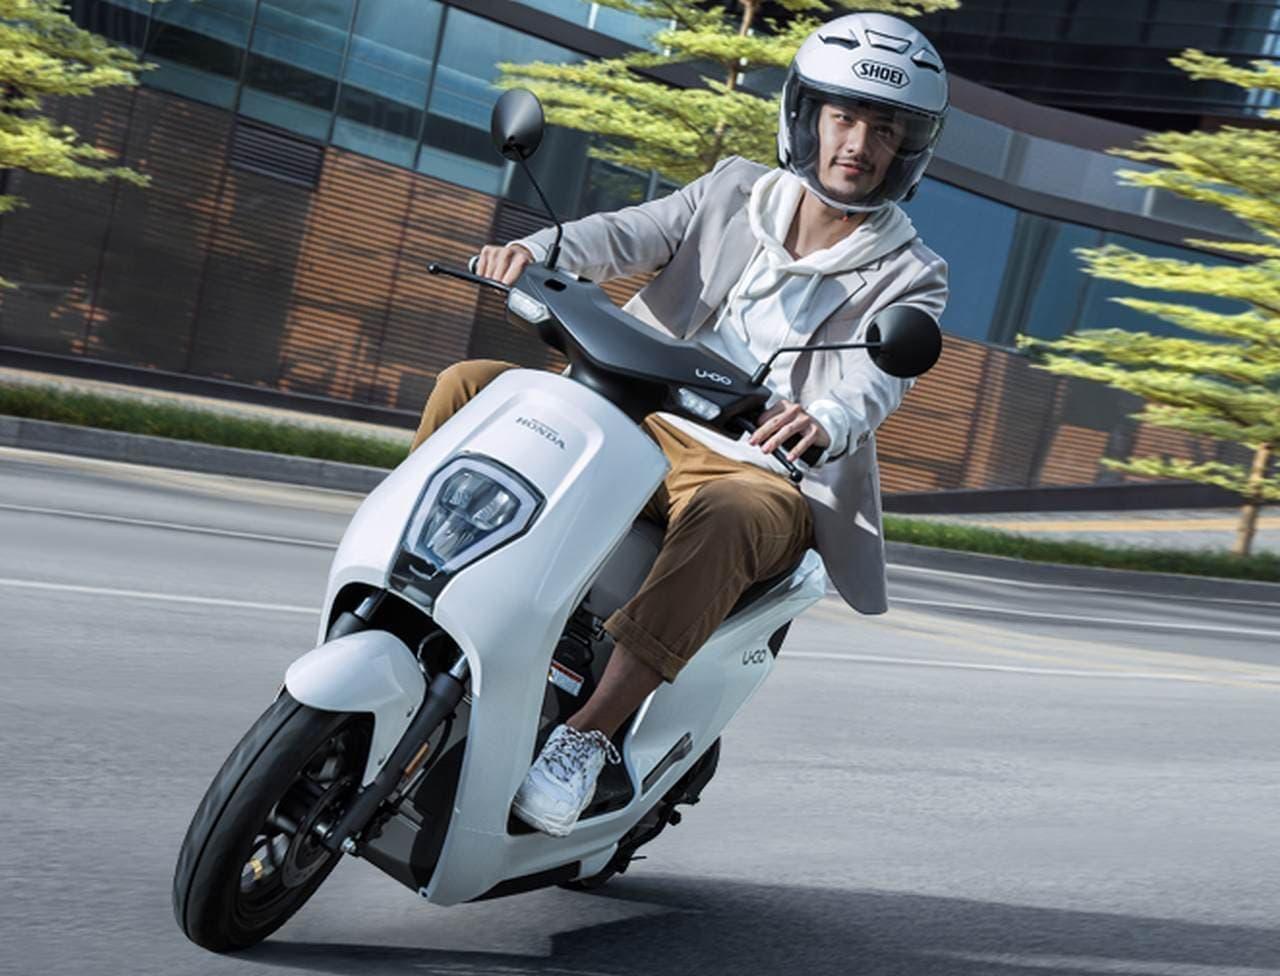 ホンダが電動スクーター「U-GO」を中国で発売 他メーカーの競合製品よりも価格が安い